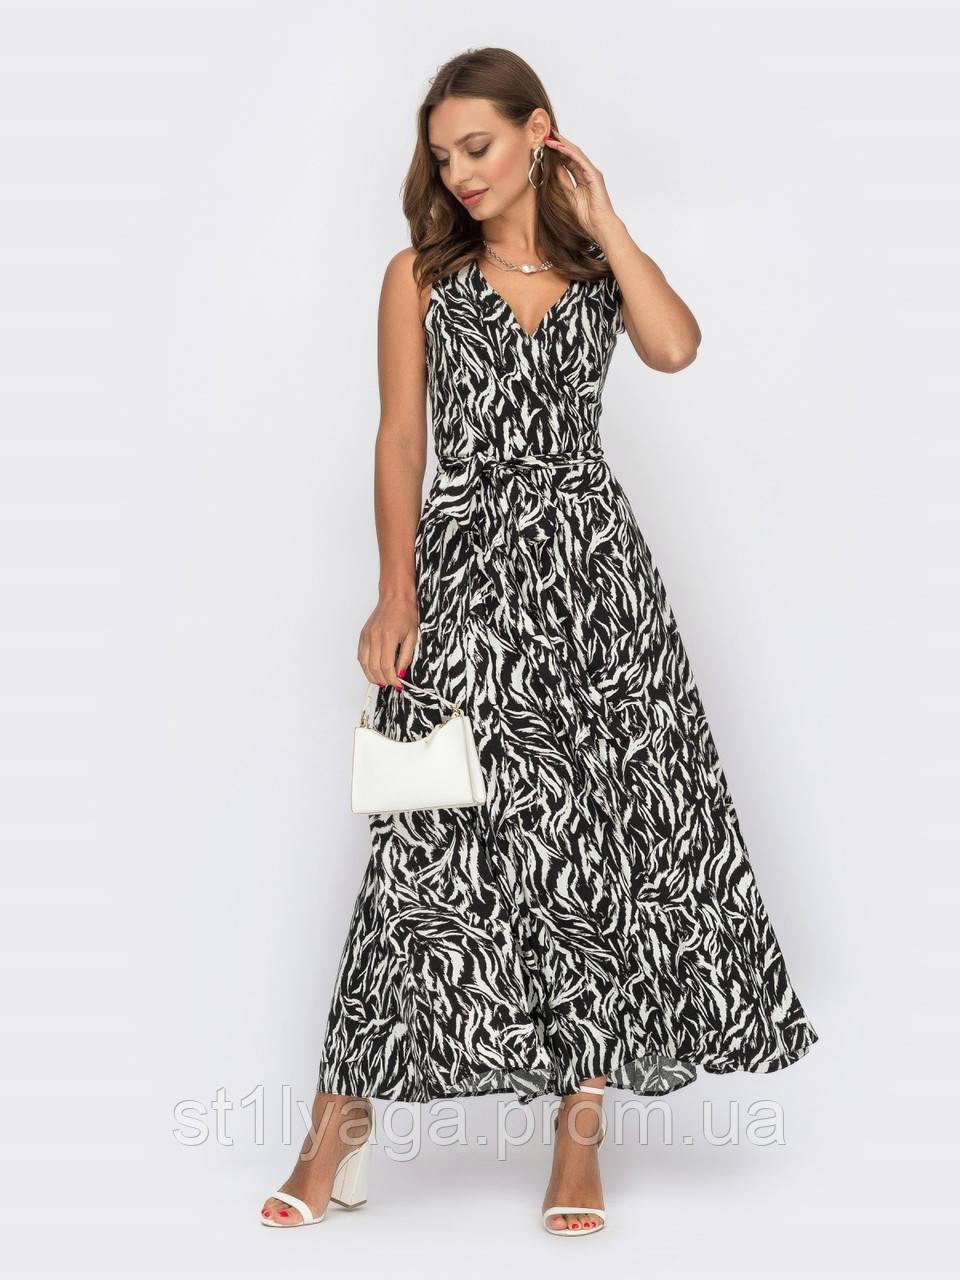 Чорна сукня-міді на запах з принтом зебра ЛІТО